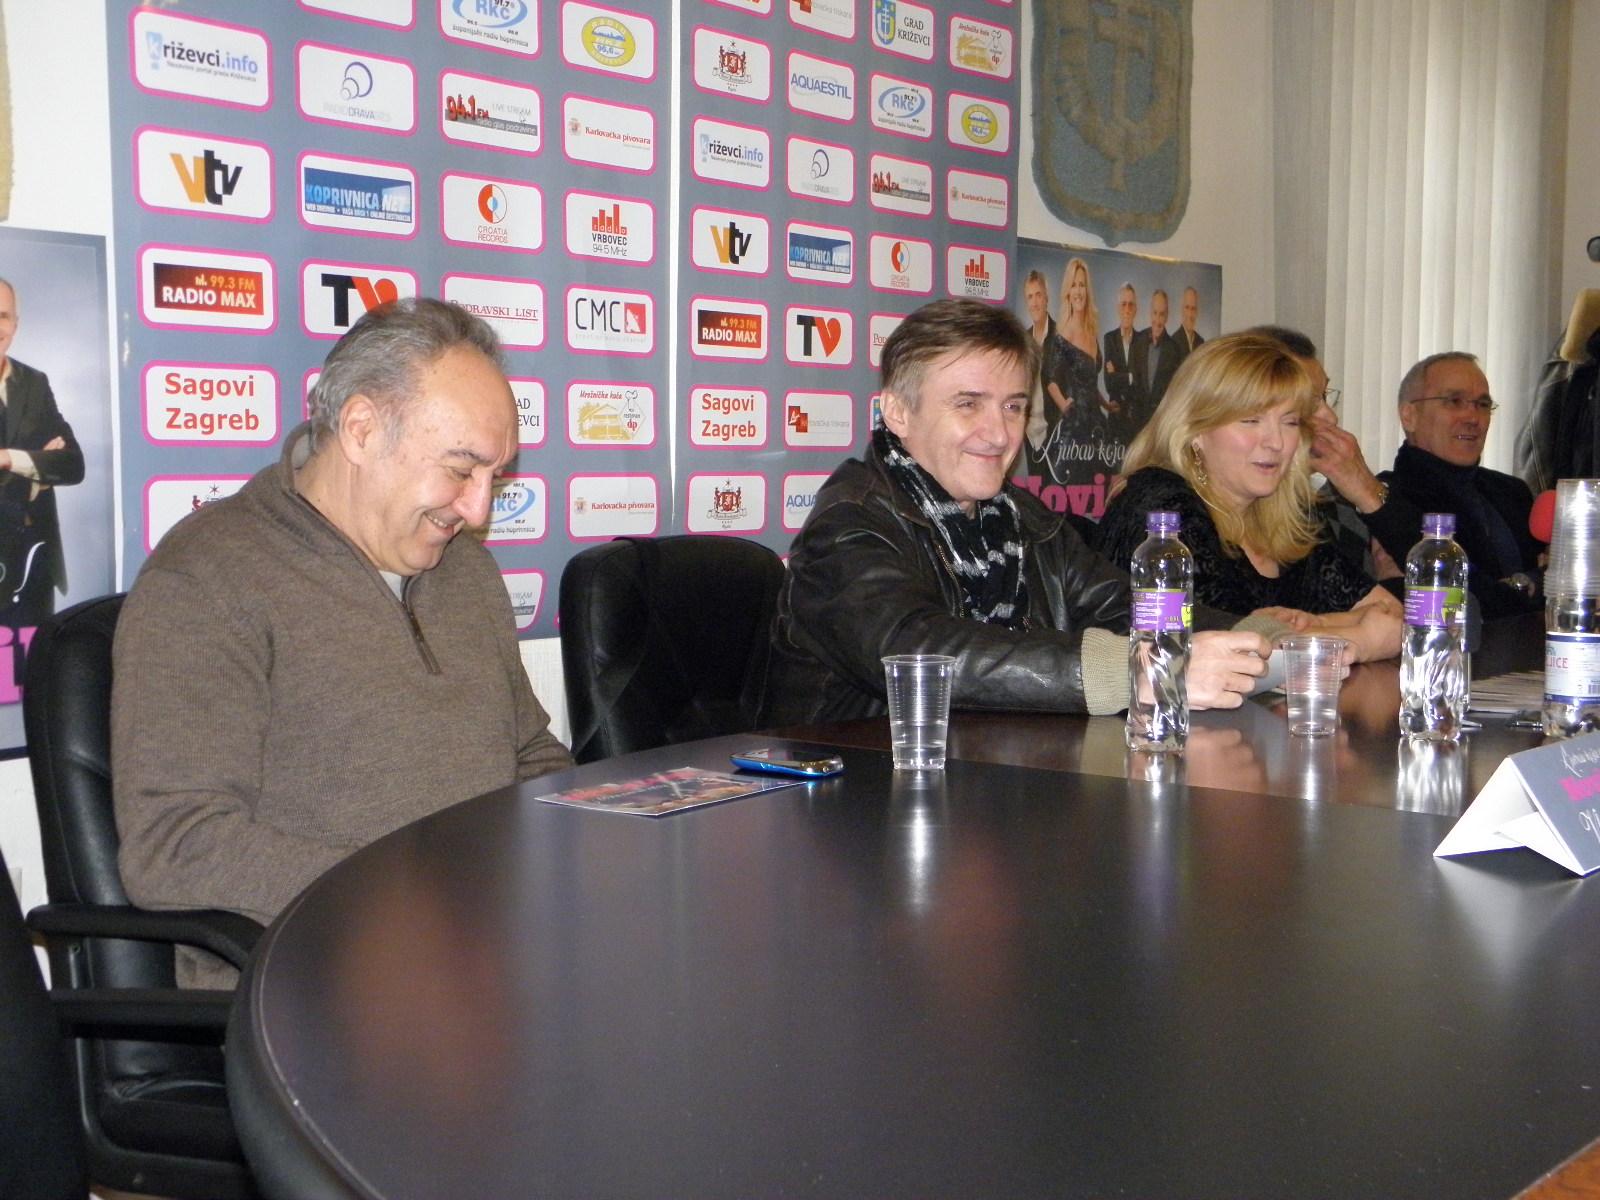 Konferencija za medije grupe Novi fosili povodom koncerta u Križevcima u ožujku 2012. godine - u sjećanje na Rajka Dujmića (foto R. Matić)